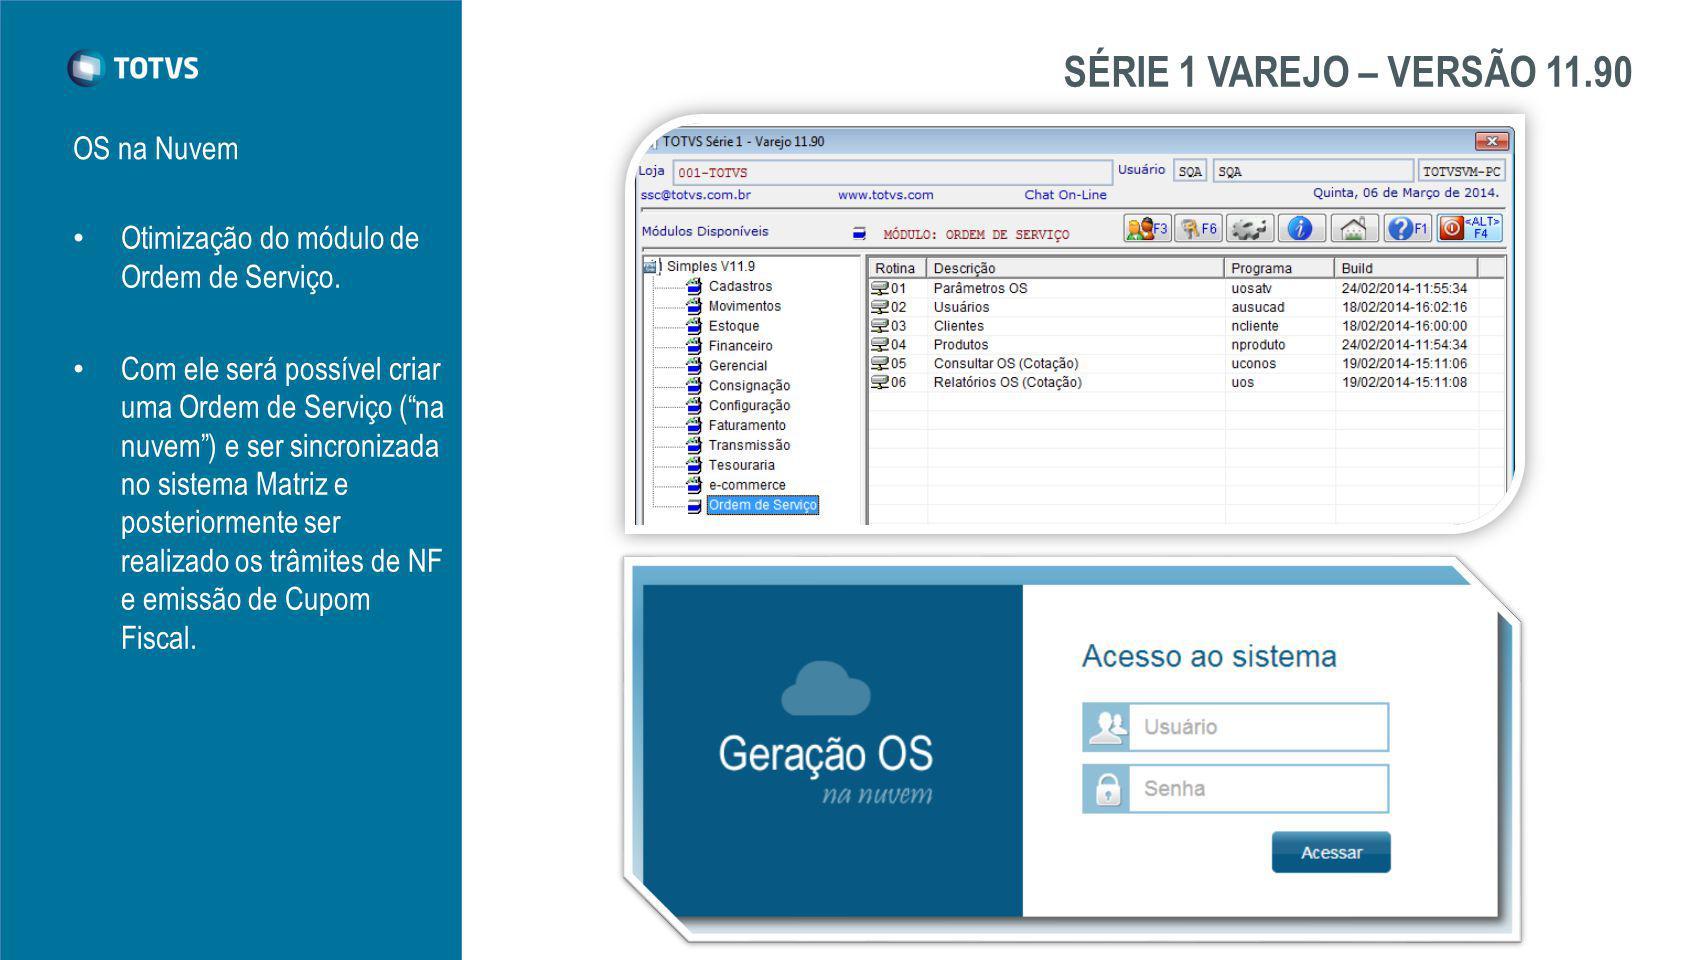 SÉRIE 1 VAREJO – VERSÃO 11.90 OS na Nuvem Otimização do módulo de Ordem de Serviço.